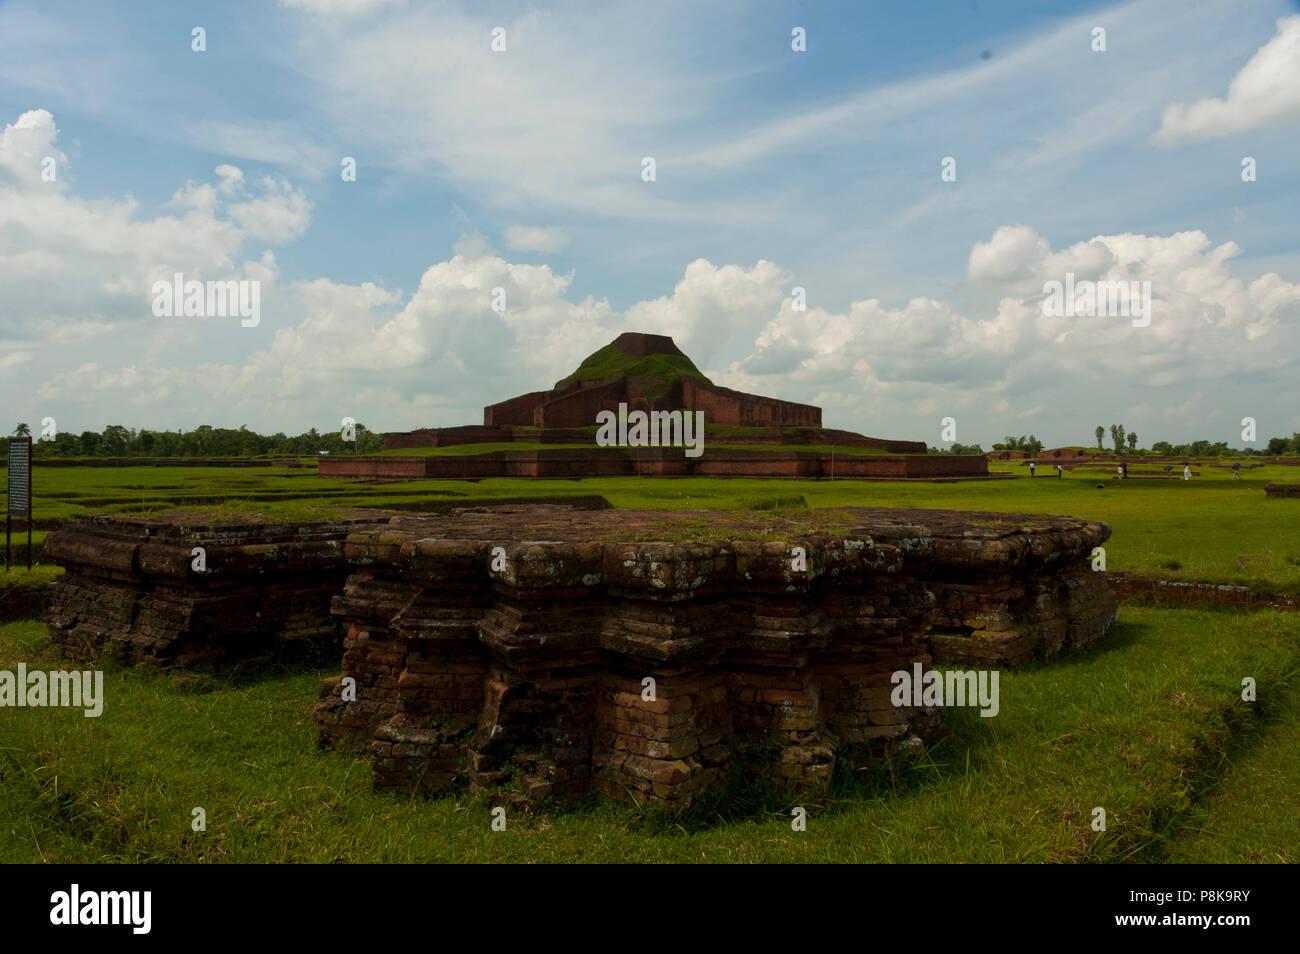 Paharpur ist eine zerstörte Stadt in Bangladesch, die von der UNESCO als Weltkulturerbe im Jahr 1985 eingeschrieben war. Diese wichtige archäologische Stätte ist in gelegen Stockbild